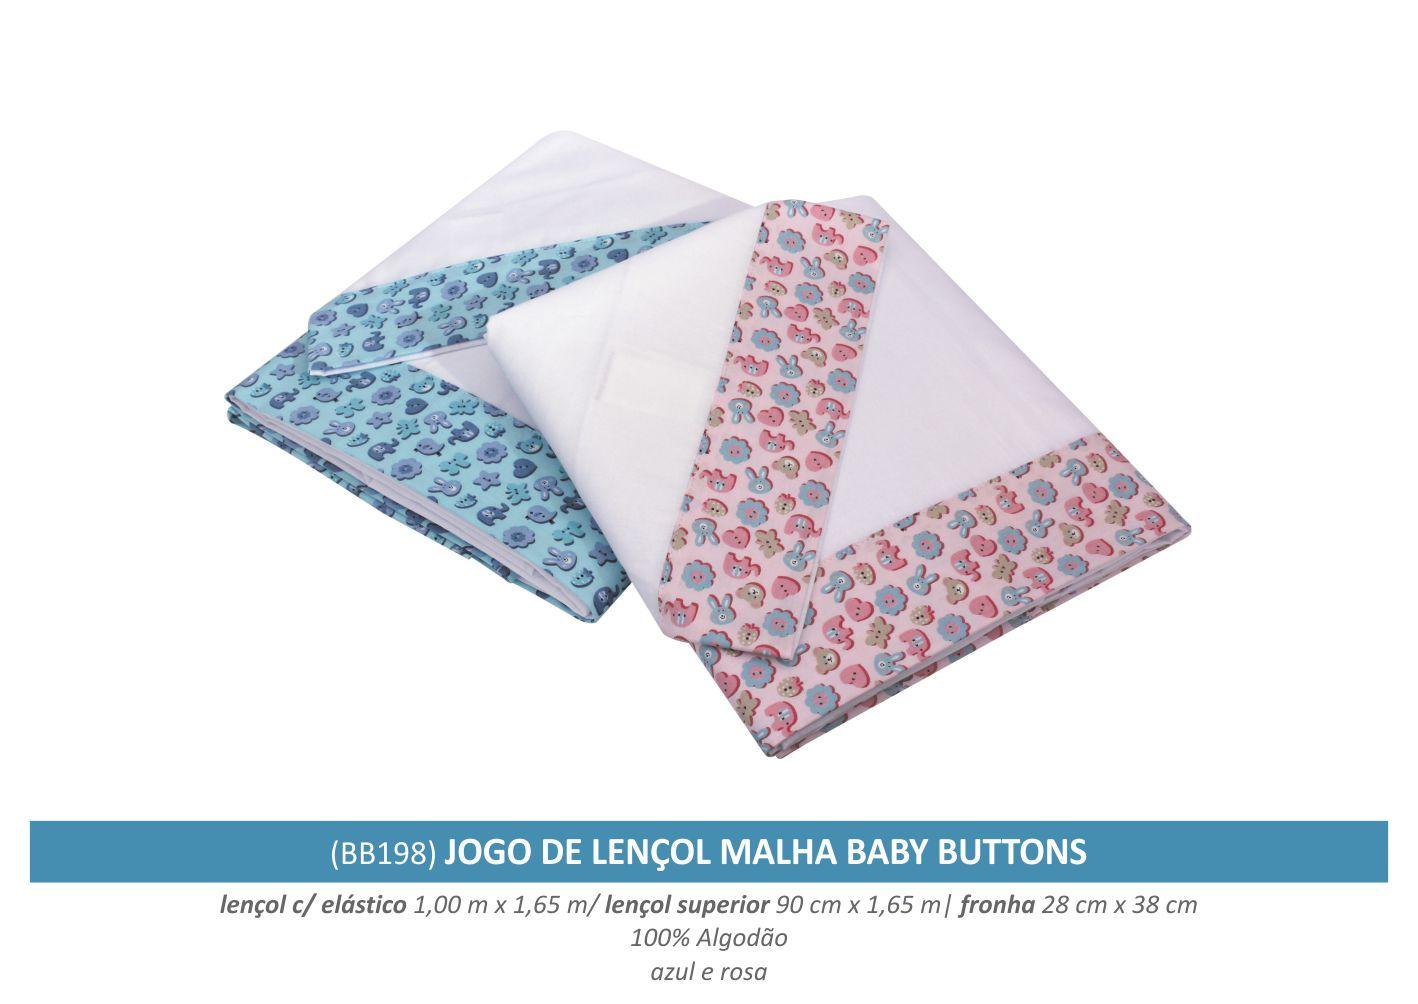 9558e58e4 jogo de lençol malha baby buttonsBerço